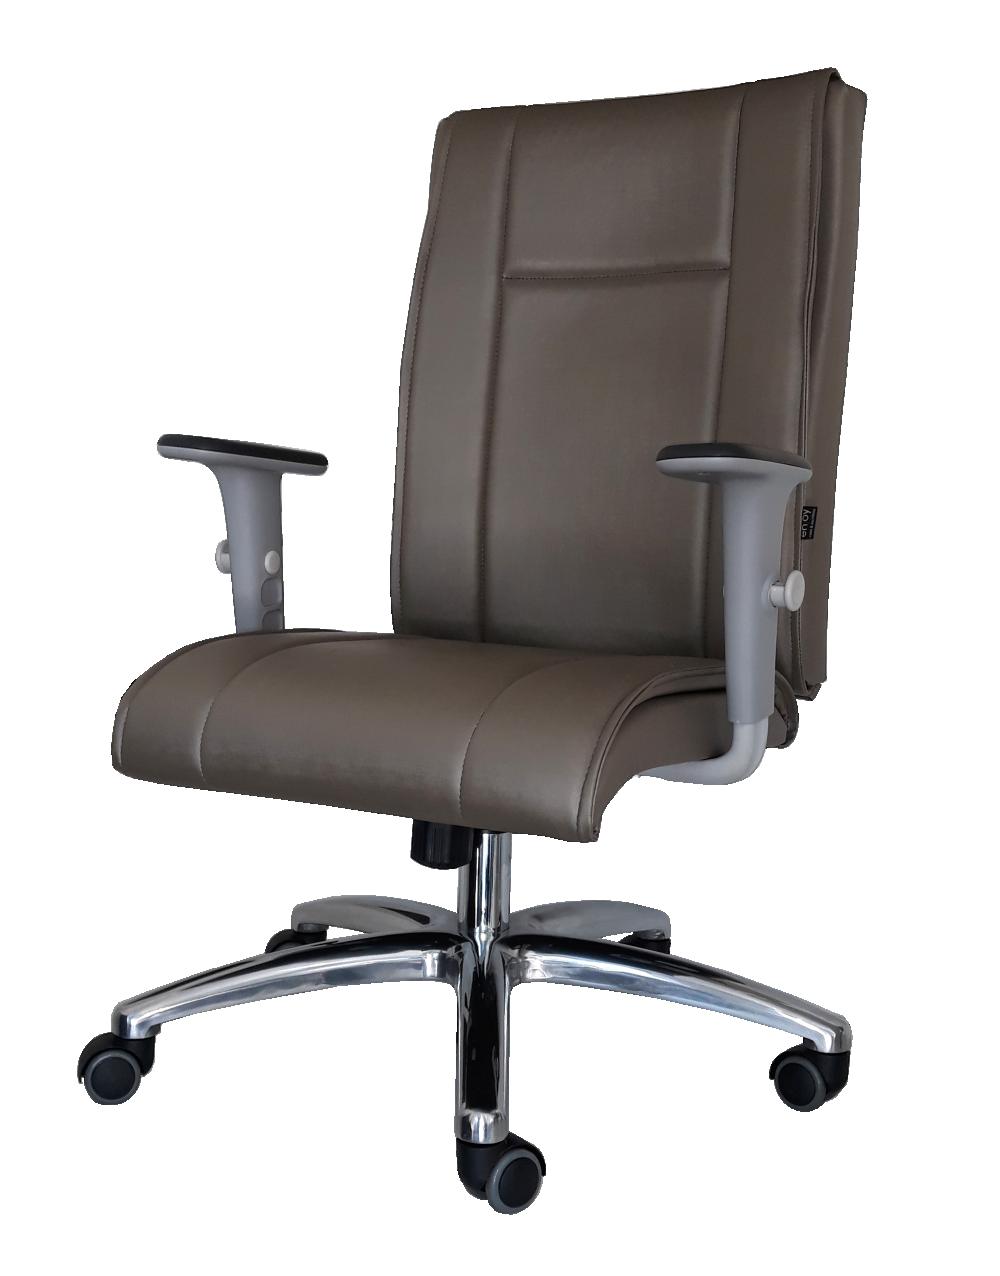 Cadeira para Escritório Presidente FLY Relax c/ trava, aranha Alumínio, braços 2D reguláveis, rodízios PU.